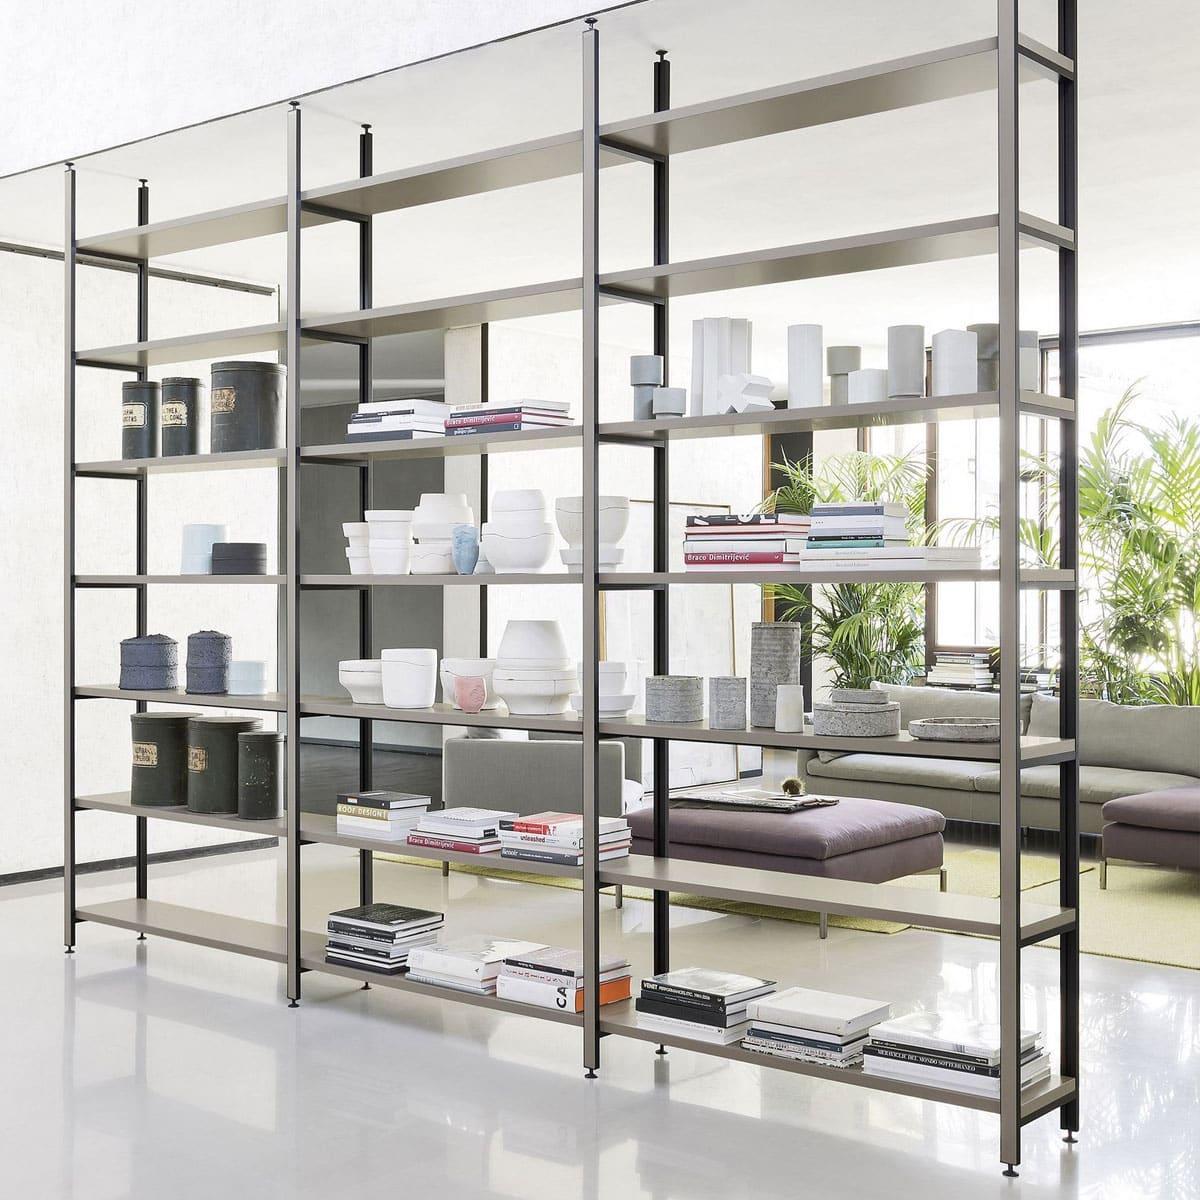 Petit Meuble De Separation séparation de pièces | optimal cuisines & intérieurs | annecy